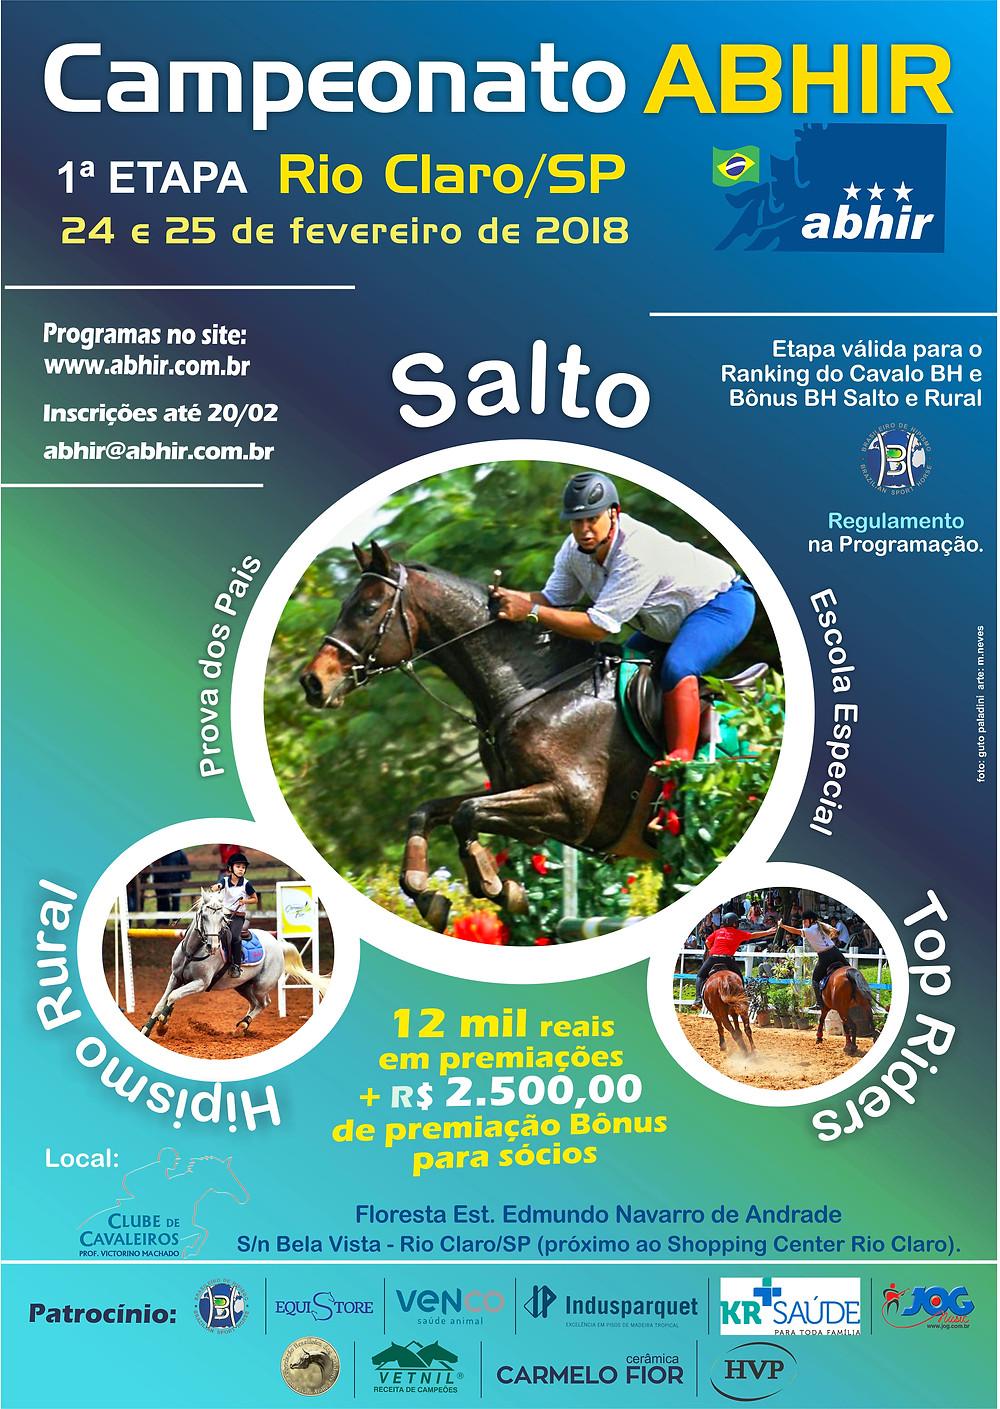 ABHIR – Associação Brasileira dos Cavaleiros Hipismo Rural